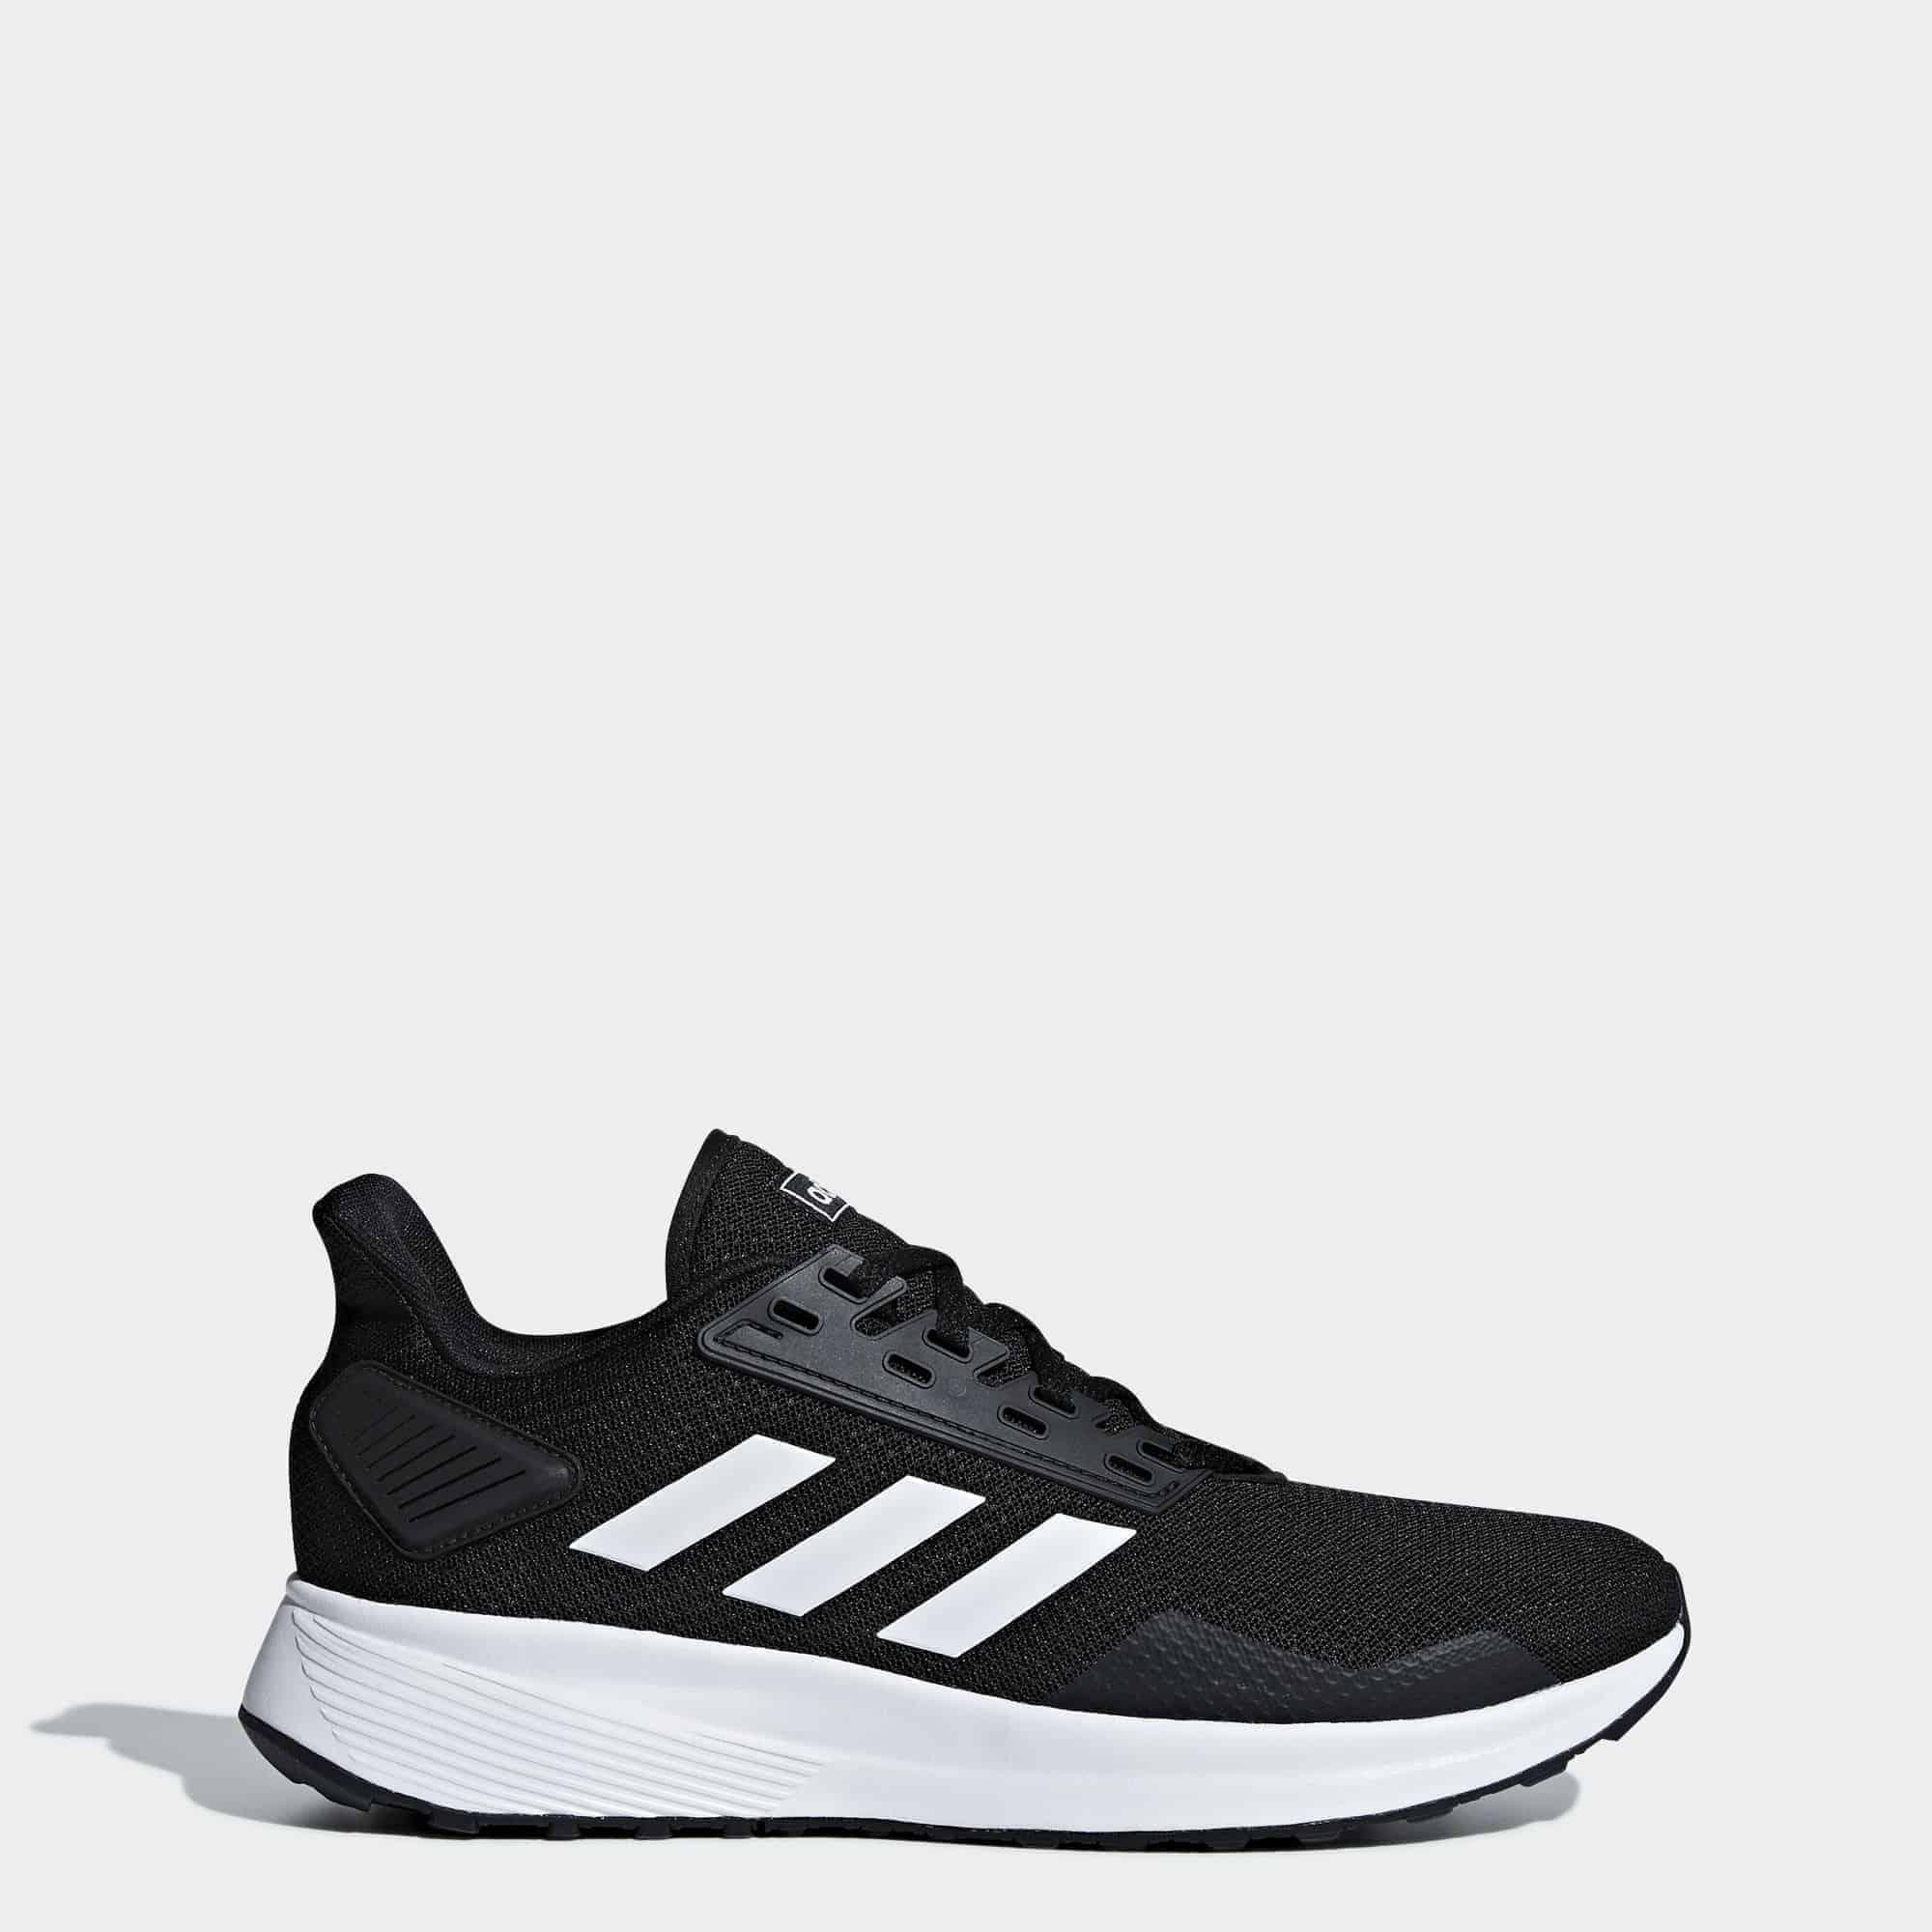 Кроссовки для бега Adidas Duramo 9 мужские